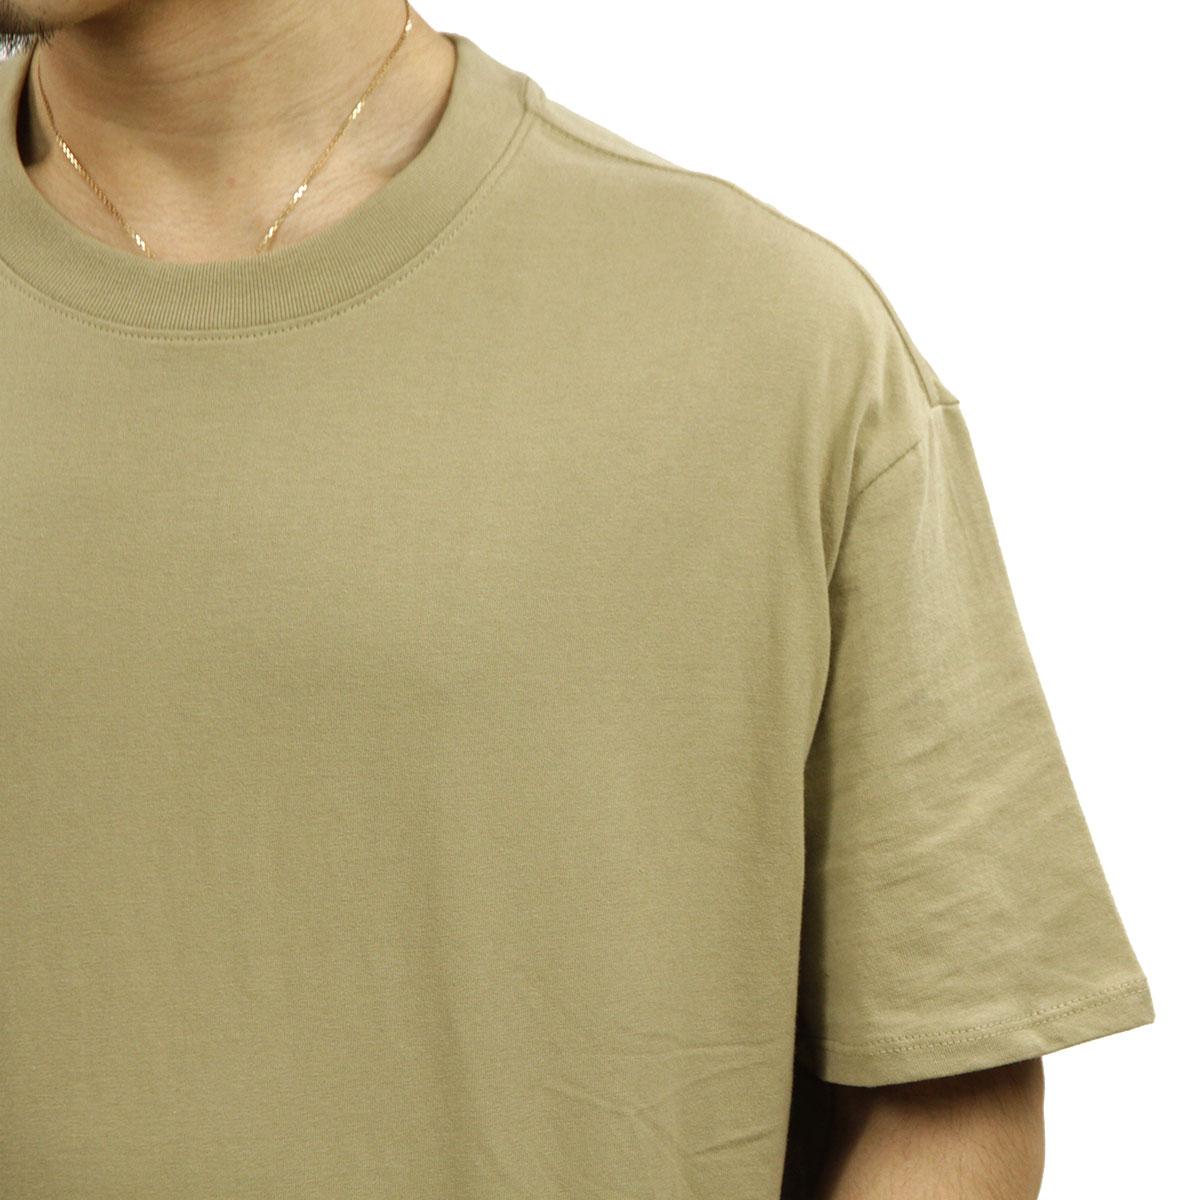 フィアオブゴッド Tシャツ 正規品 FEAR OF GOD エッセンシャルズ 半袖Tシャツ ロゴ クルーネック FOG - FEAR OF GOD ESSENTIALS BOXY T-SHIRT TWILL AA5B B1C C1D D1E E05F